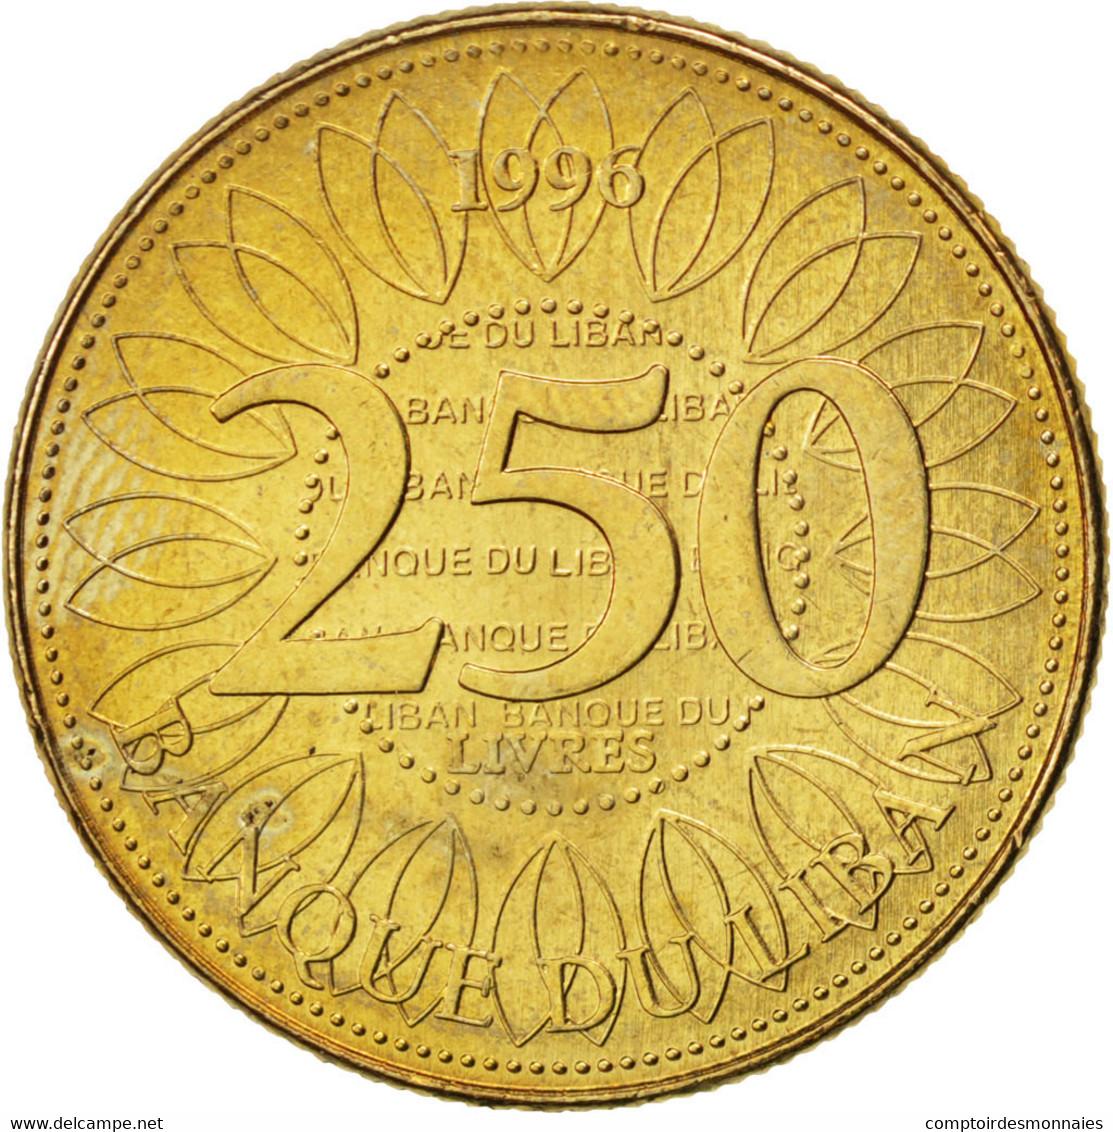 Liban, 250 Livres 1996, KM 36 - Liban